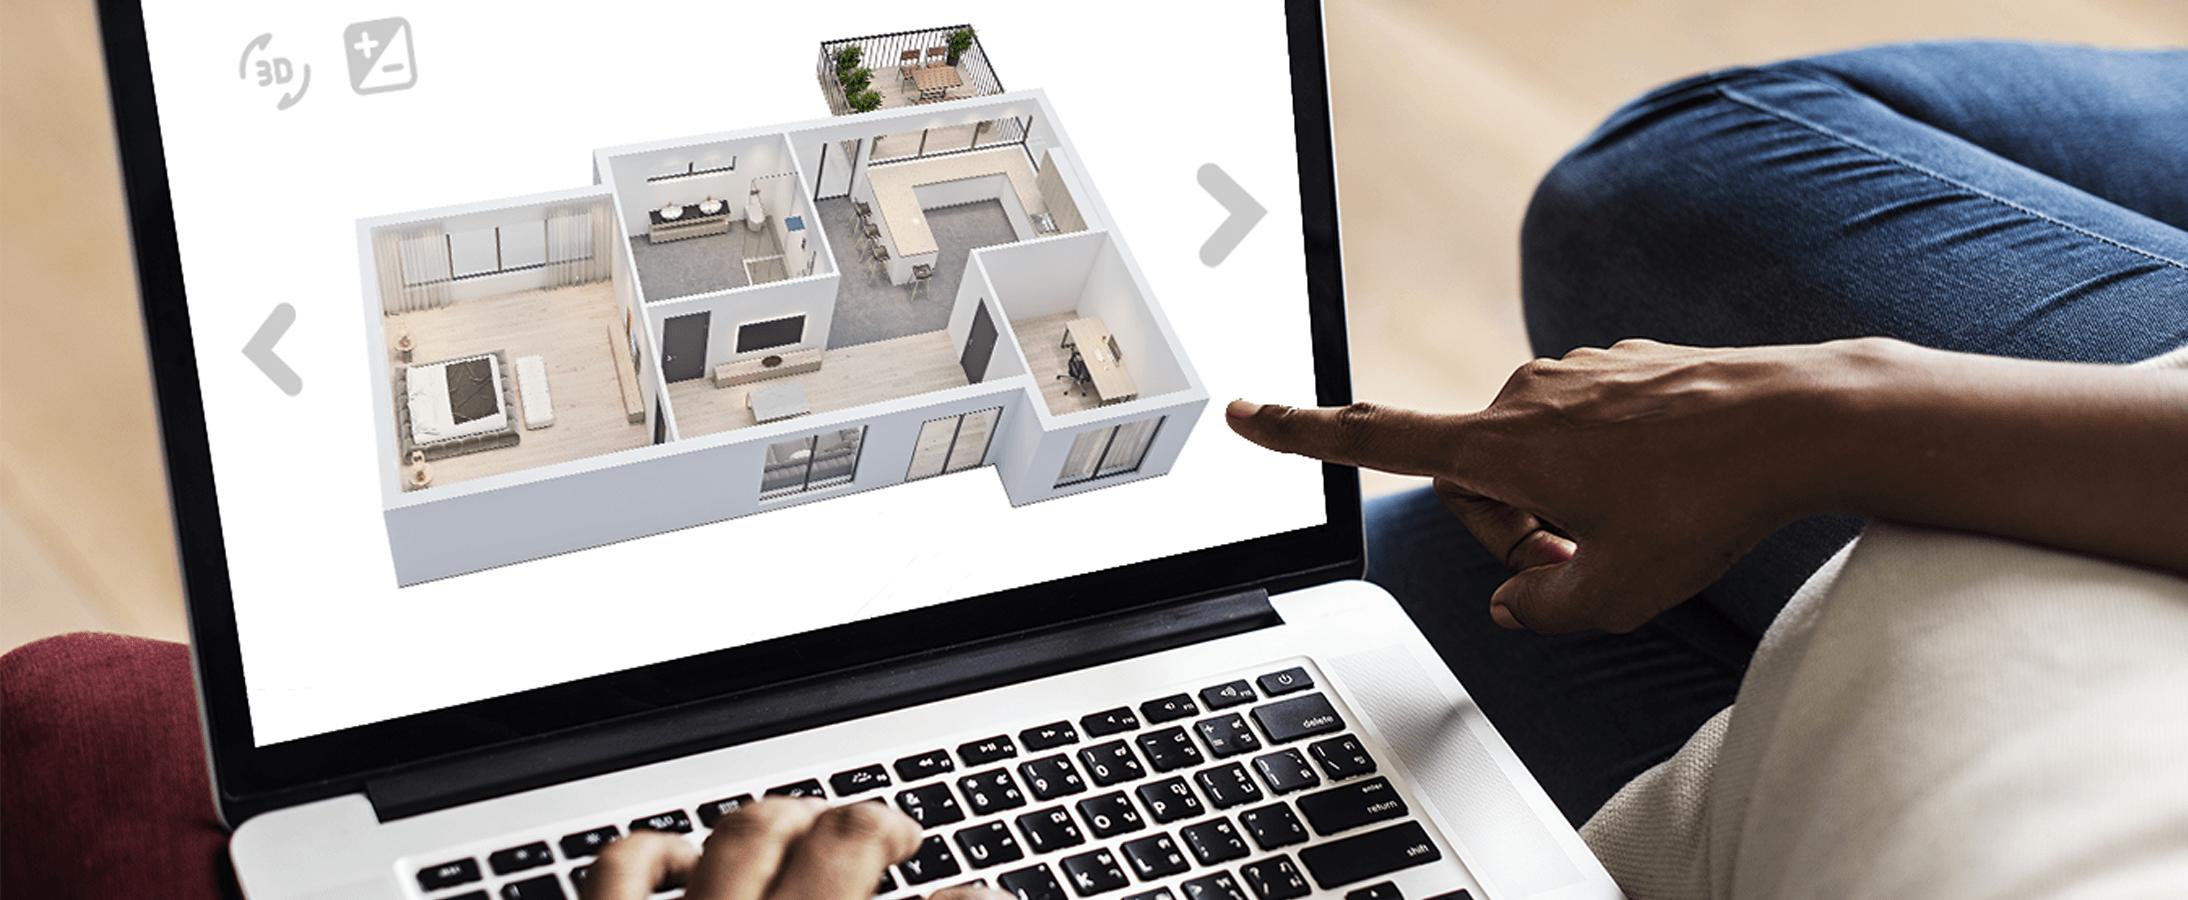 Virtual Apartment Tour